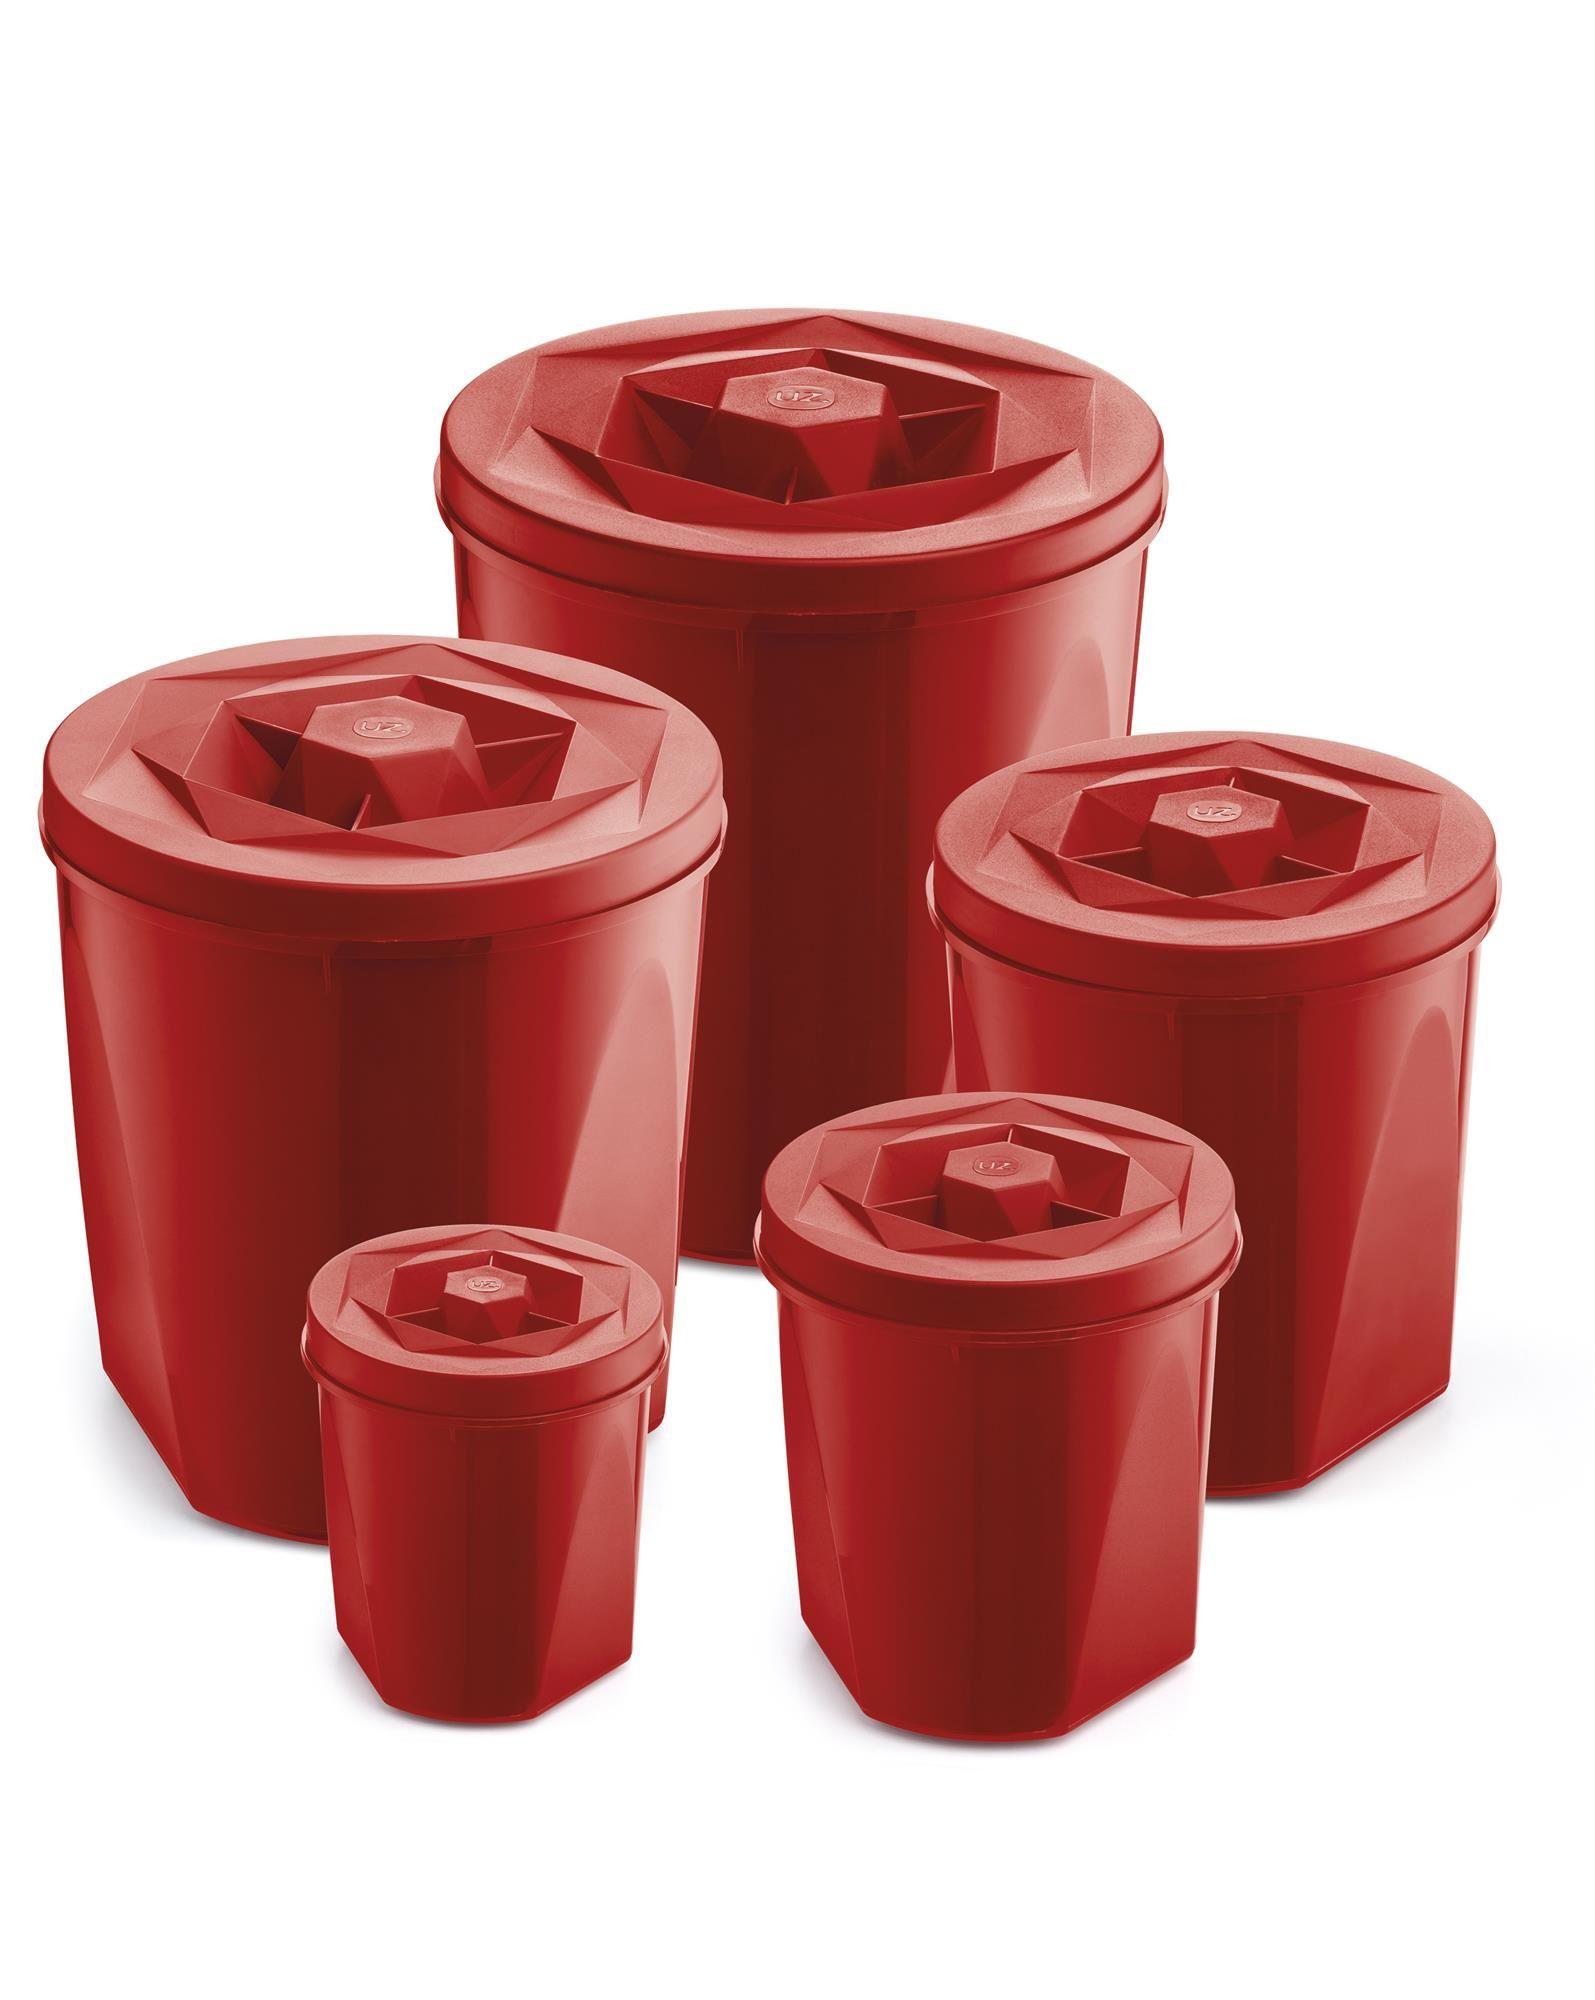 Jogo de Potes Porta Mantimentos 5 Peças Plástico Color Com Tampa de Rosca UZ Utilidades Vermelho